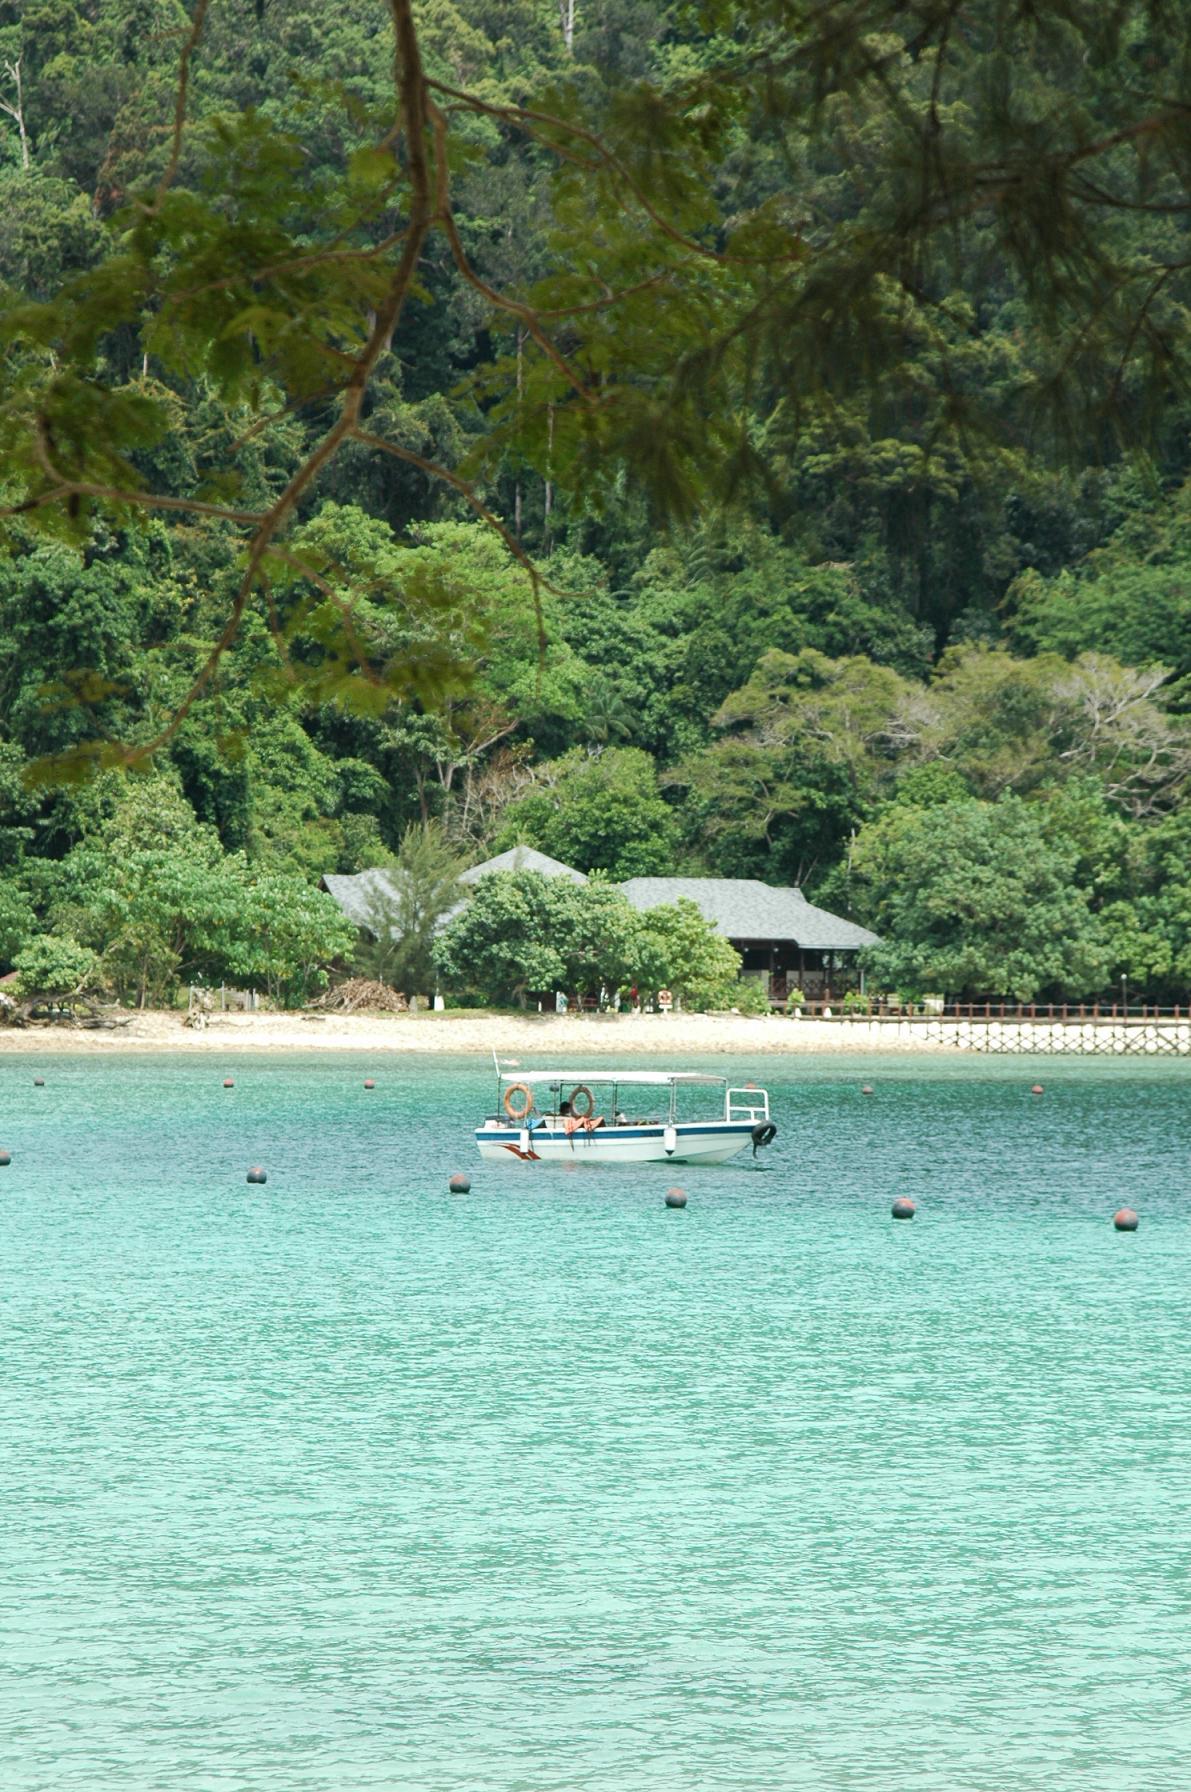 马来西亚的岛屿多不胜数,每座岛屿都宛如人间仙境一般令人倾心不已